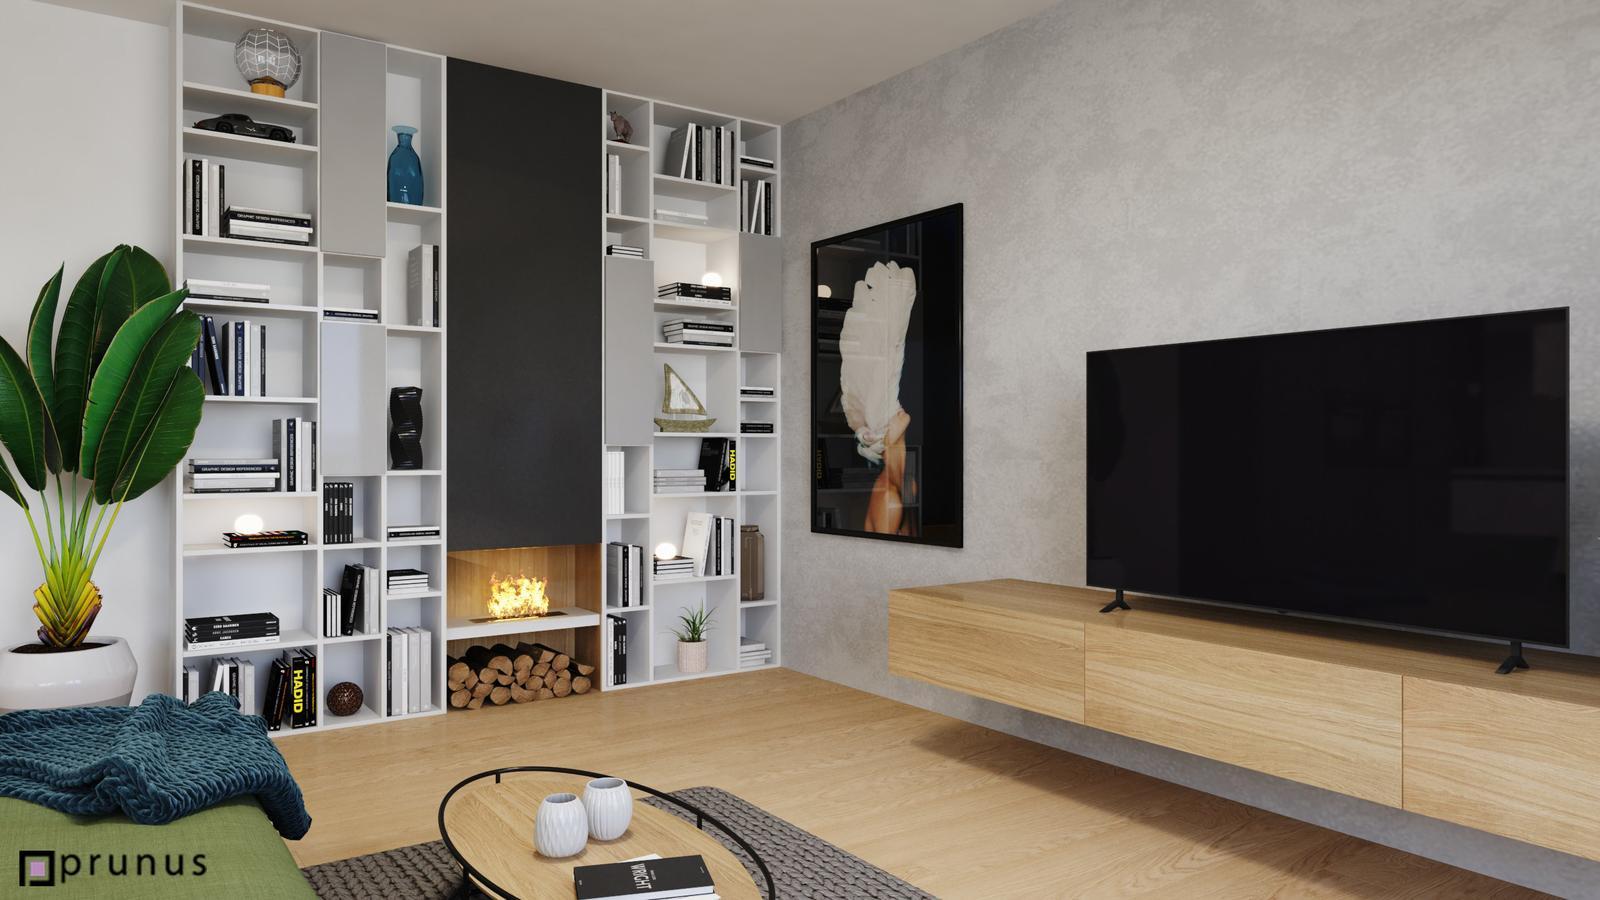 Koliba - útulný, dizajnový interiér bytu | PRUNUS studio - Koliba - útulný, dizajnový interiér bytu, návrh a realzácia | PRUNUS studio